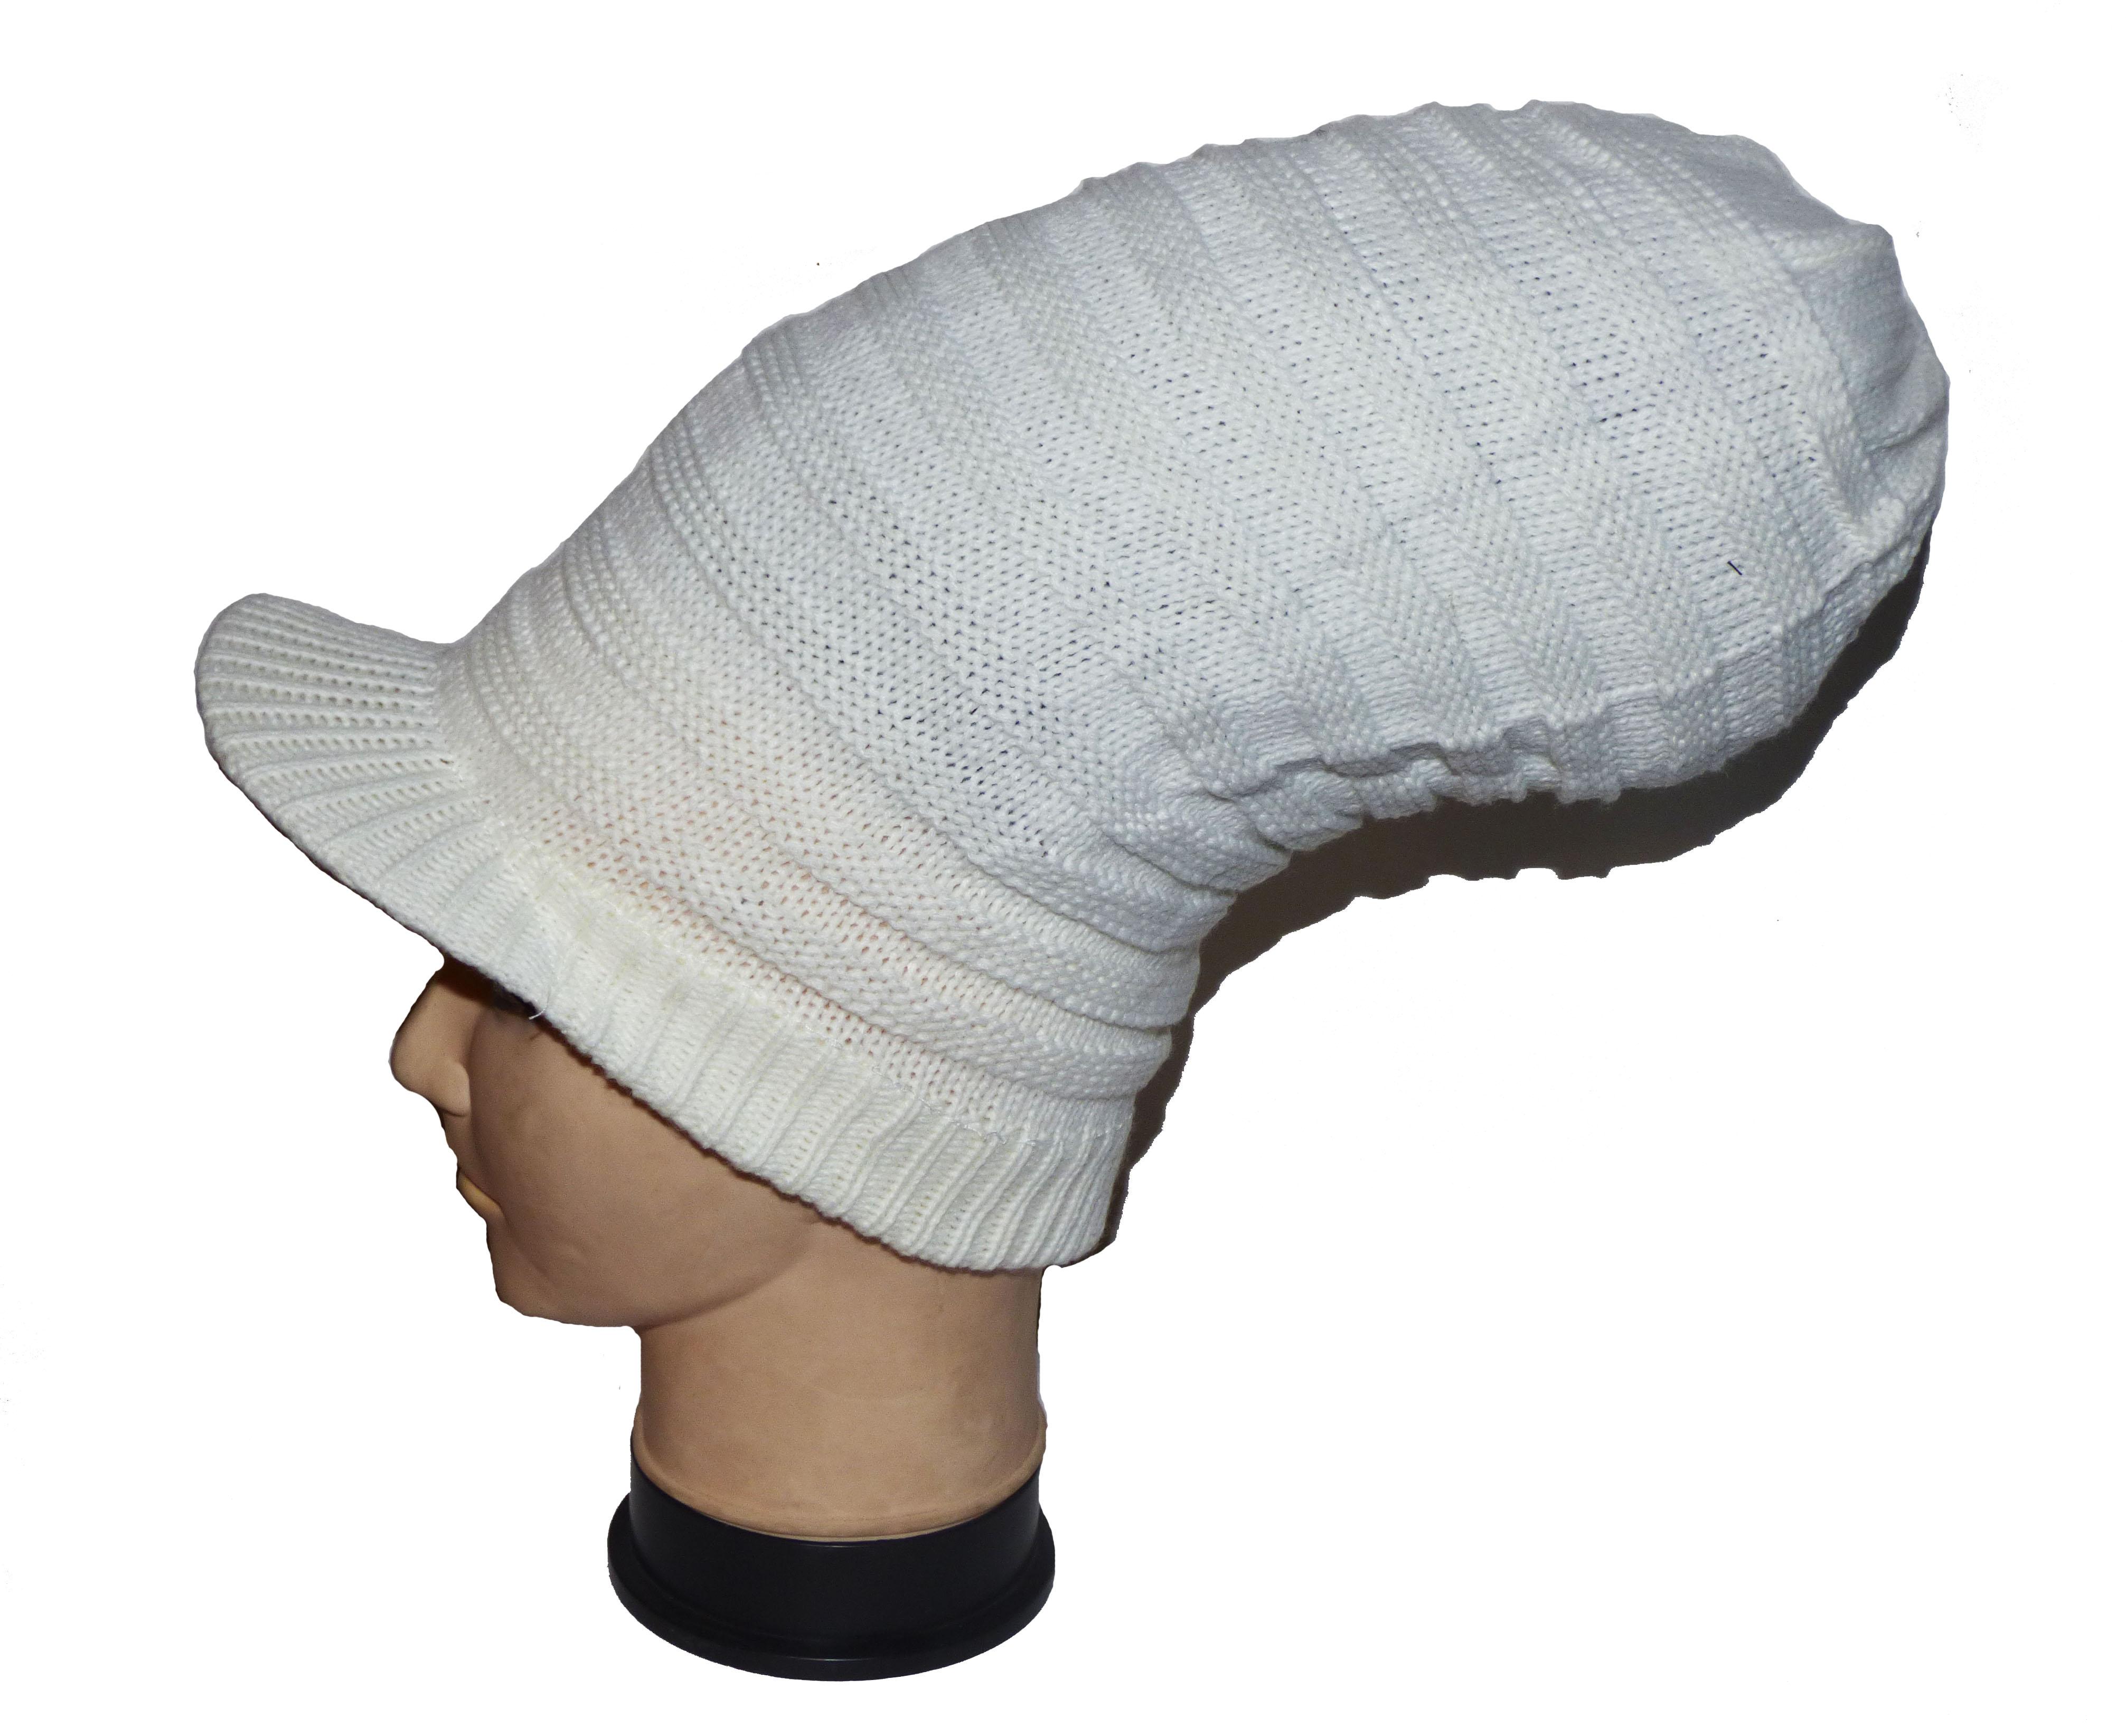 c815000f3cbb4 Bonnet à dreads Blanc avec visière   CED'N CO